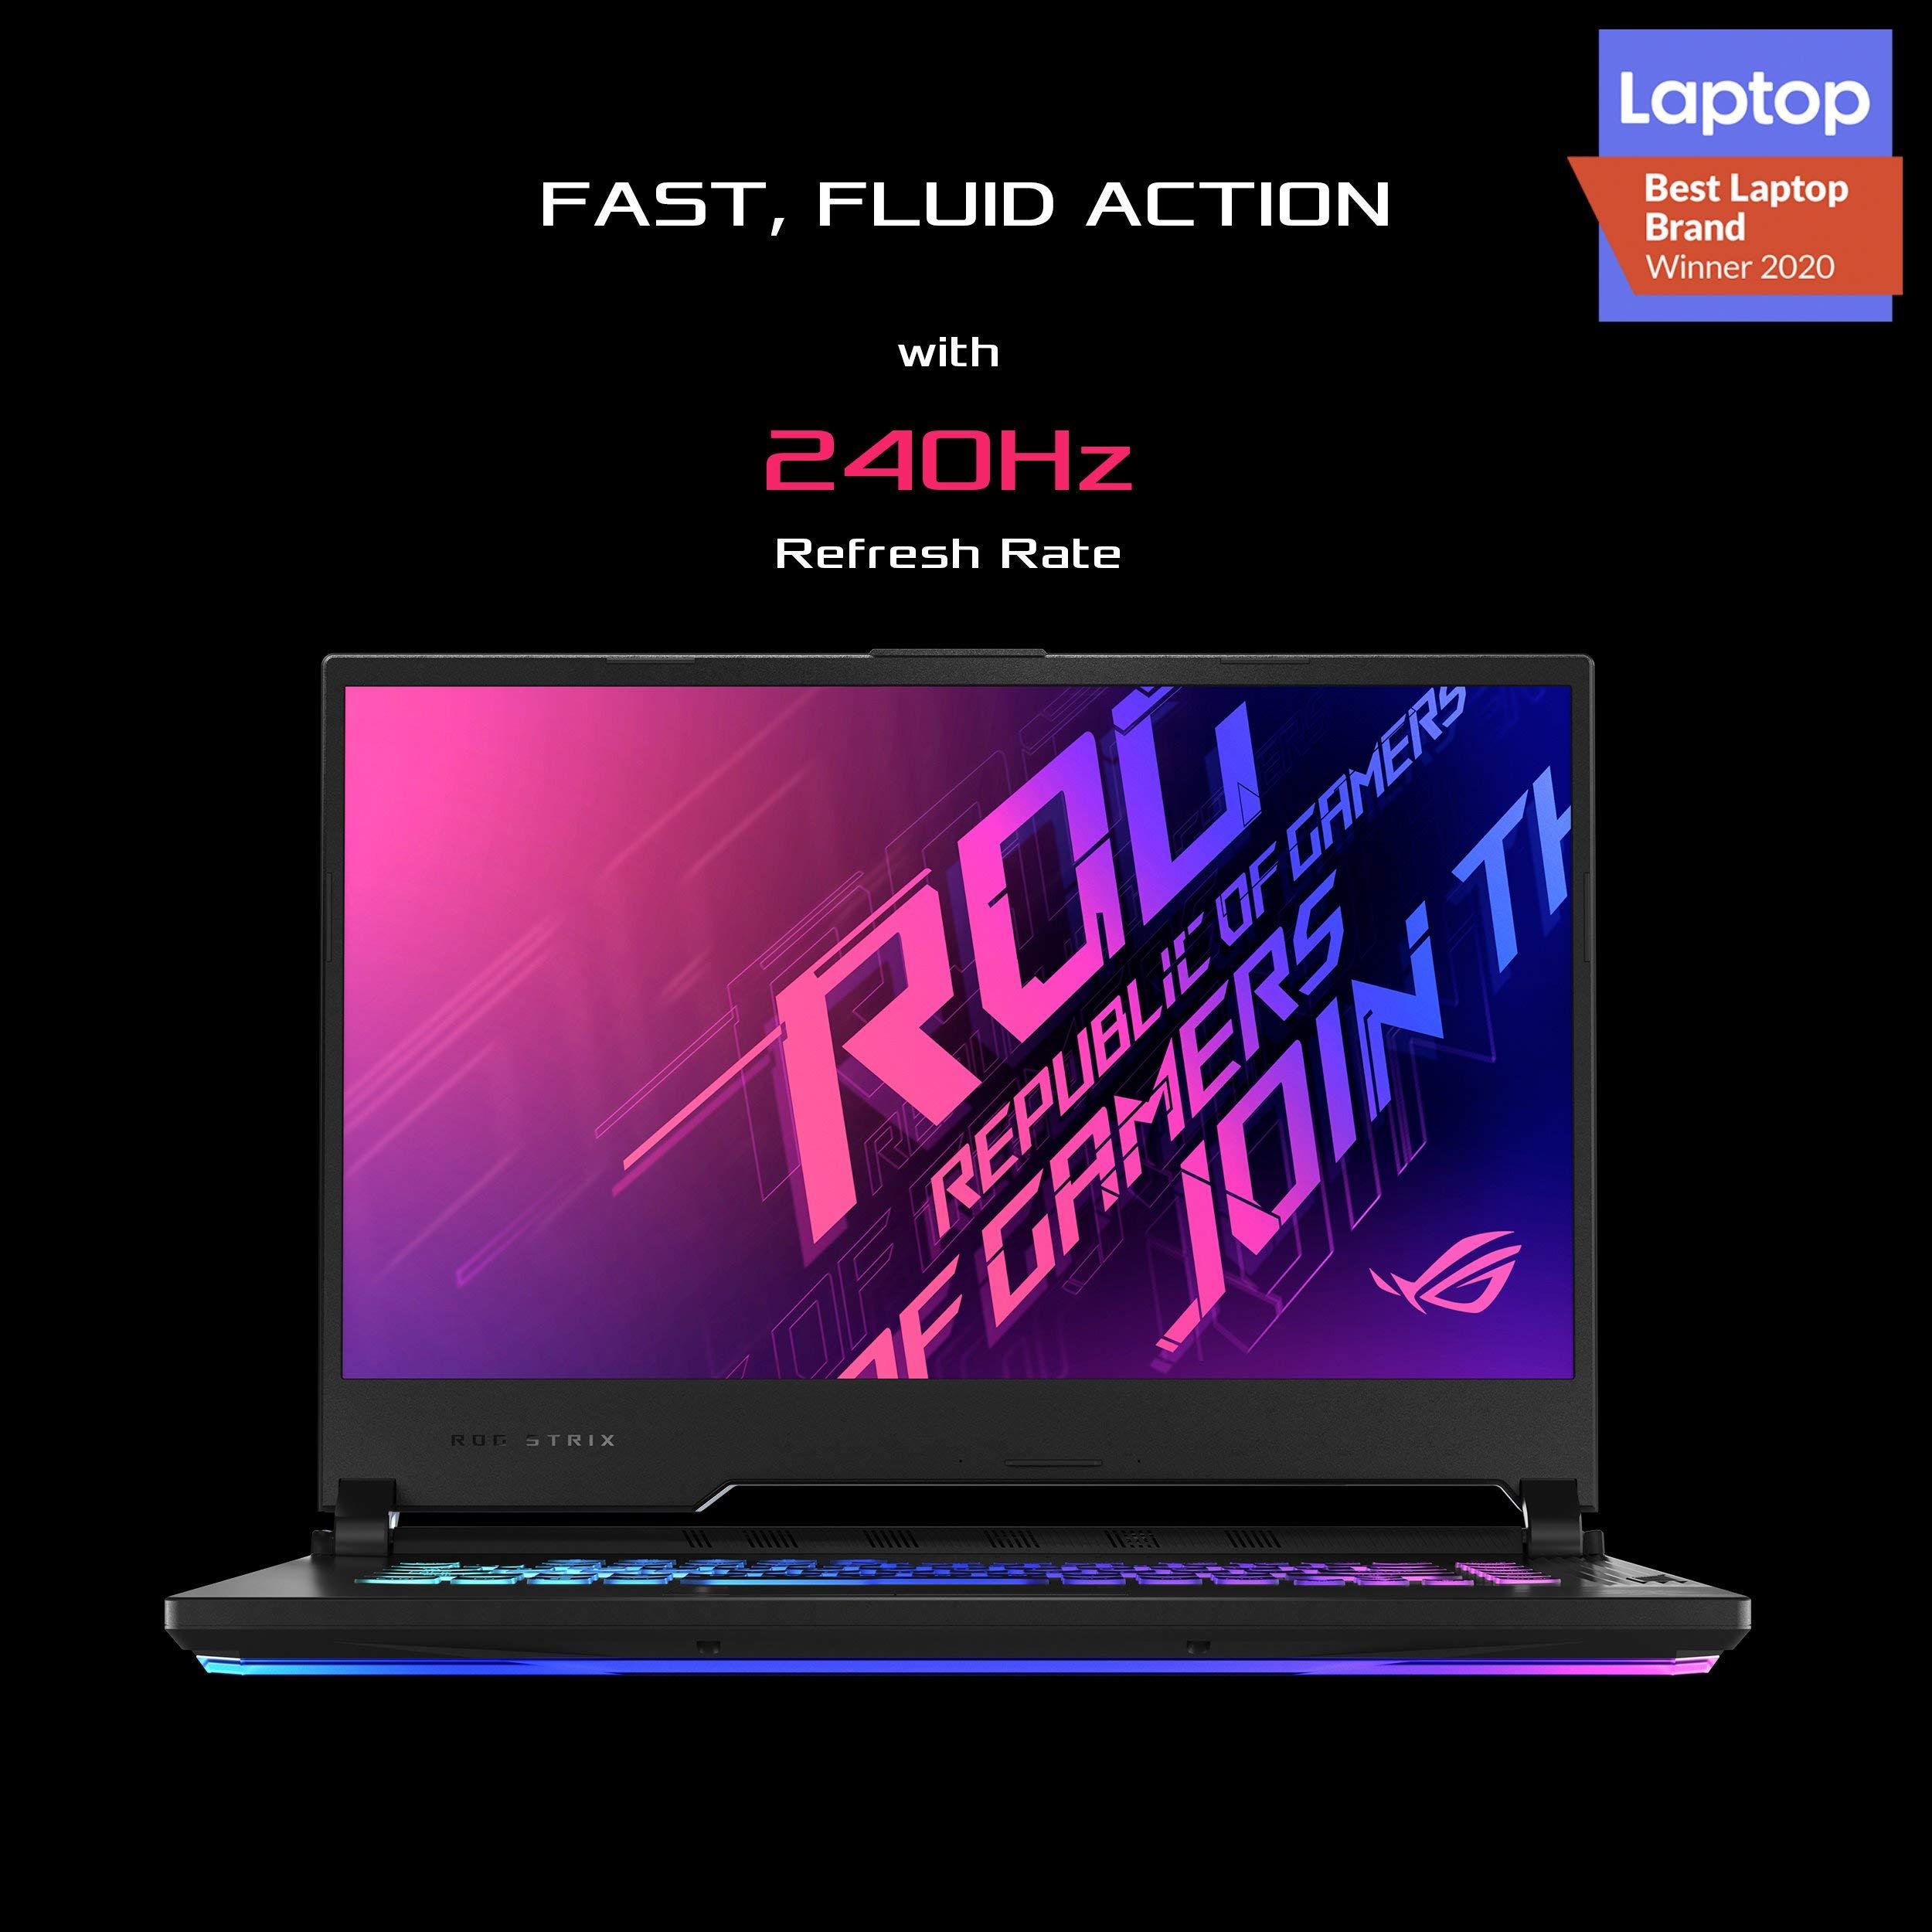 لپ تاپ آکبند ایسوس مدل Asus ROG Strix G512Lws-Az045T با مشخصات Intel Core i7 10750H - RTX 2070 Super دارای مهلت تست و گارانتی رایگان / محصول ASUS